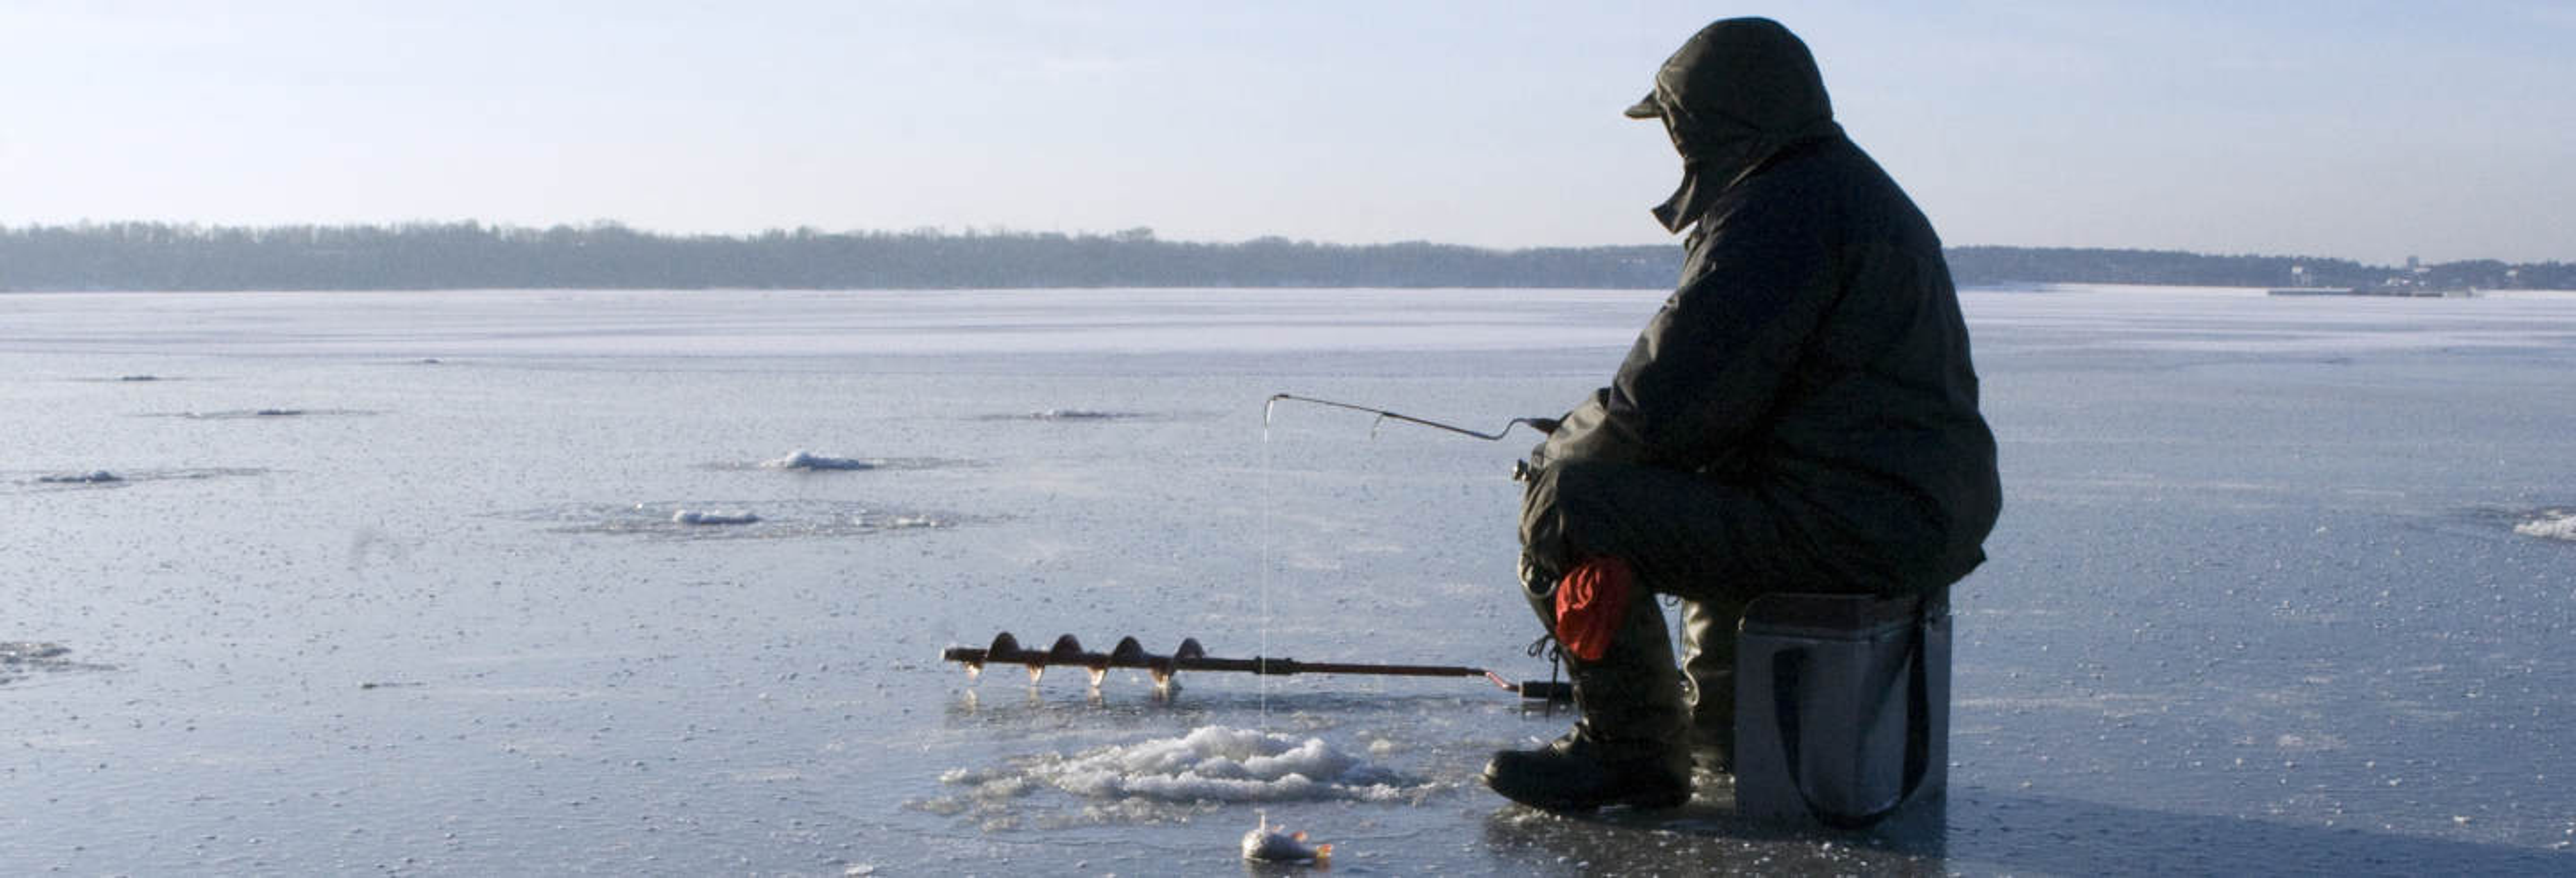 Pesca sul ghiaccio nel Grande Lago degli Schiavi